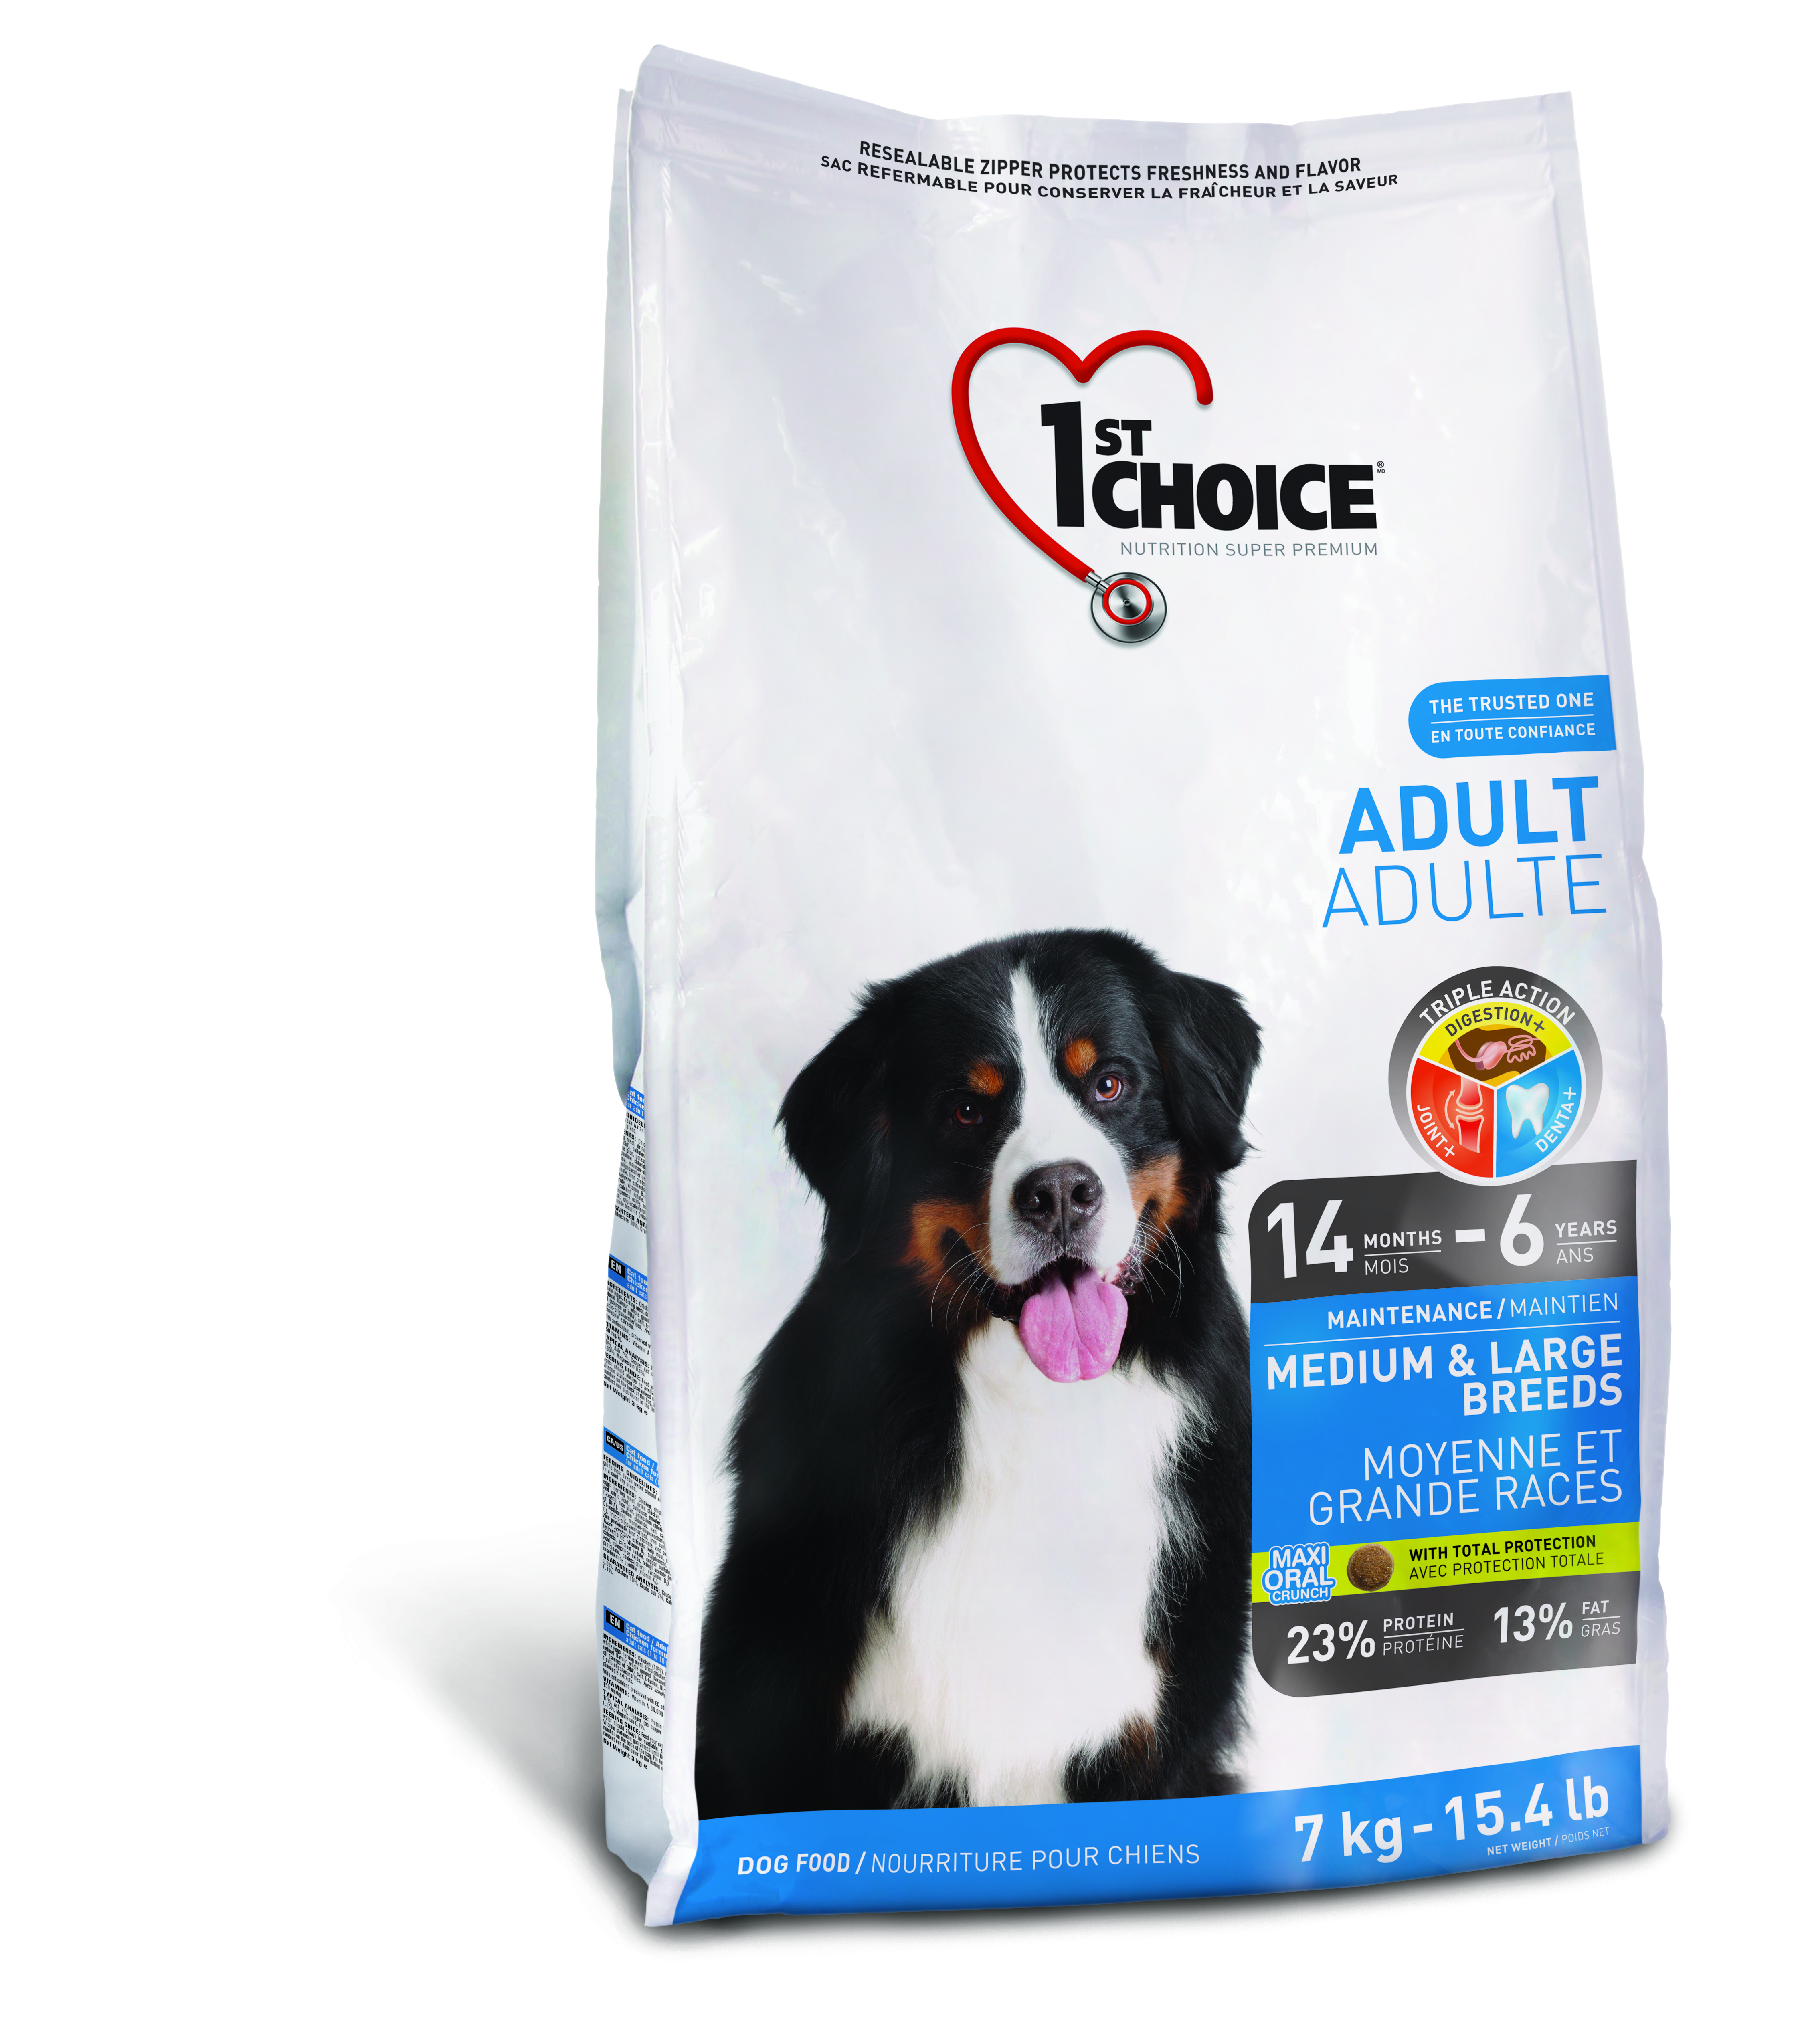 1st Choice Adult Medium/Large